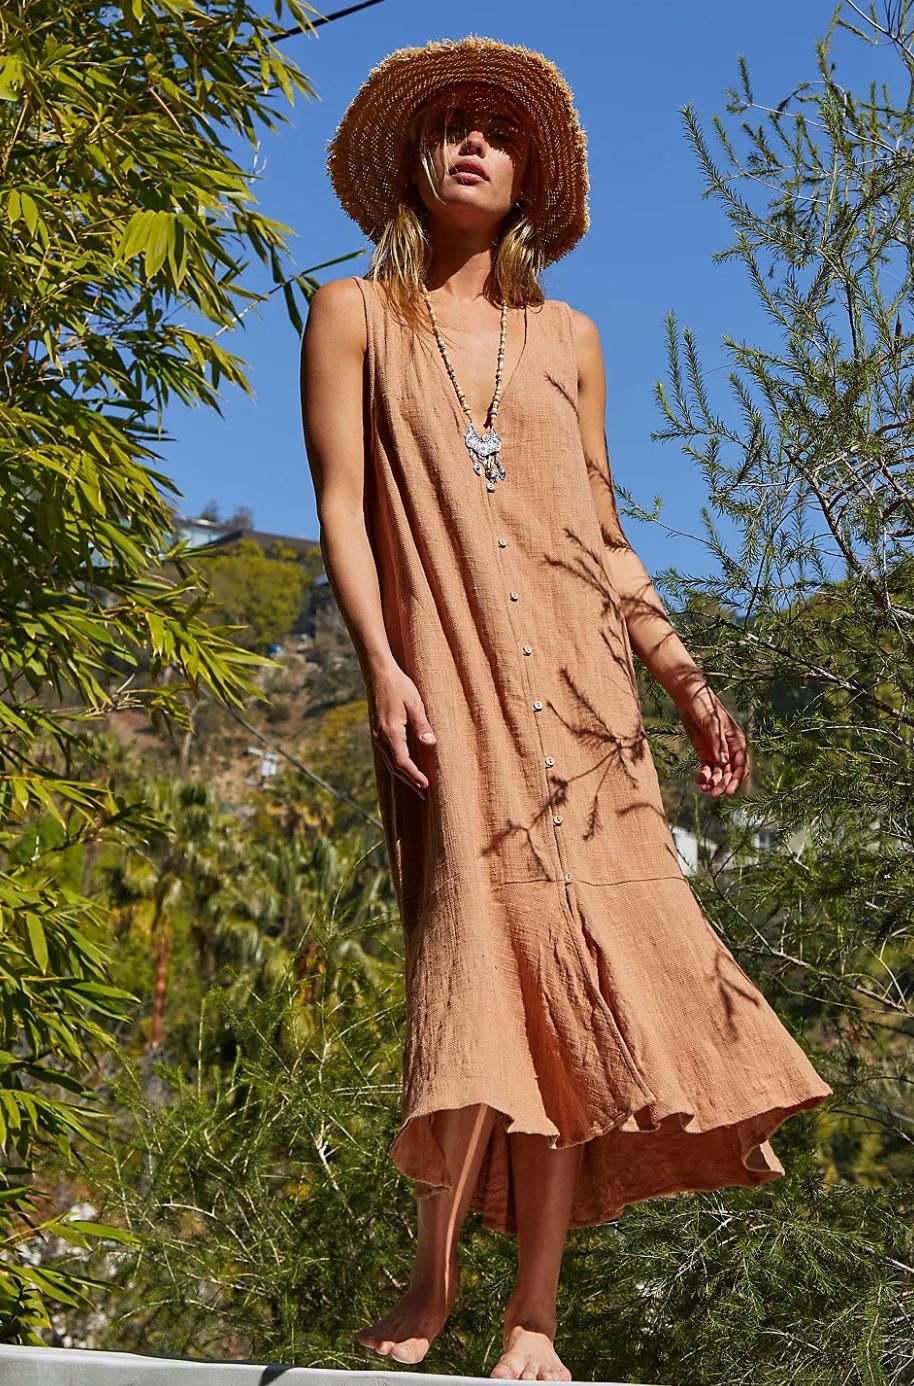 a model in a light tan vest midi tank dress